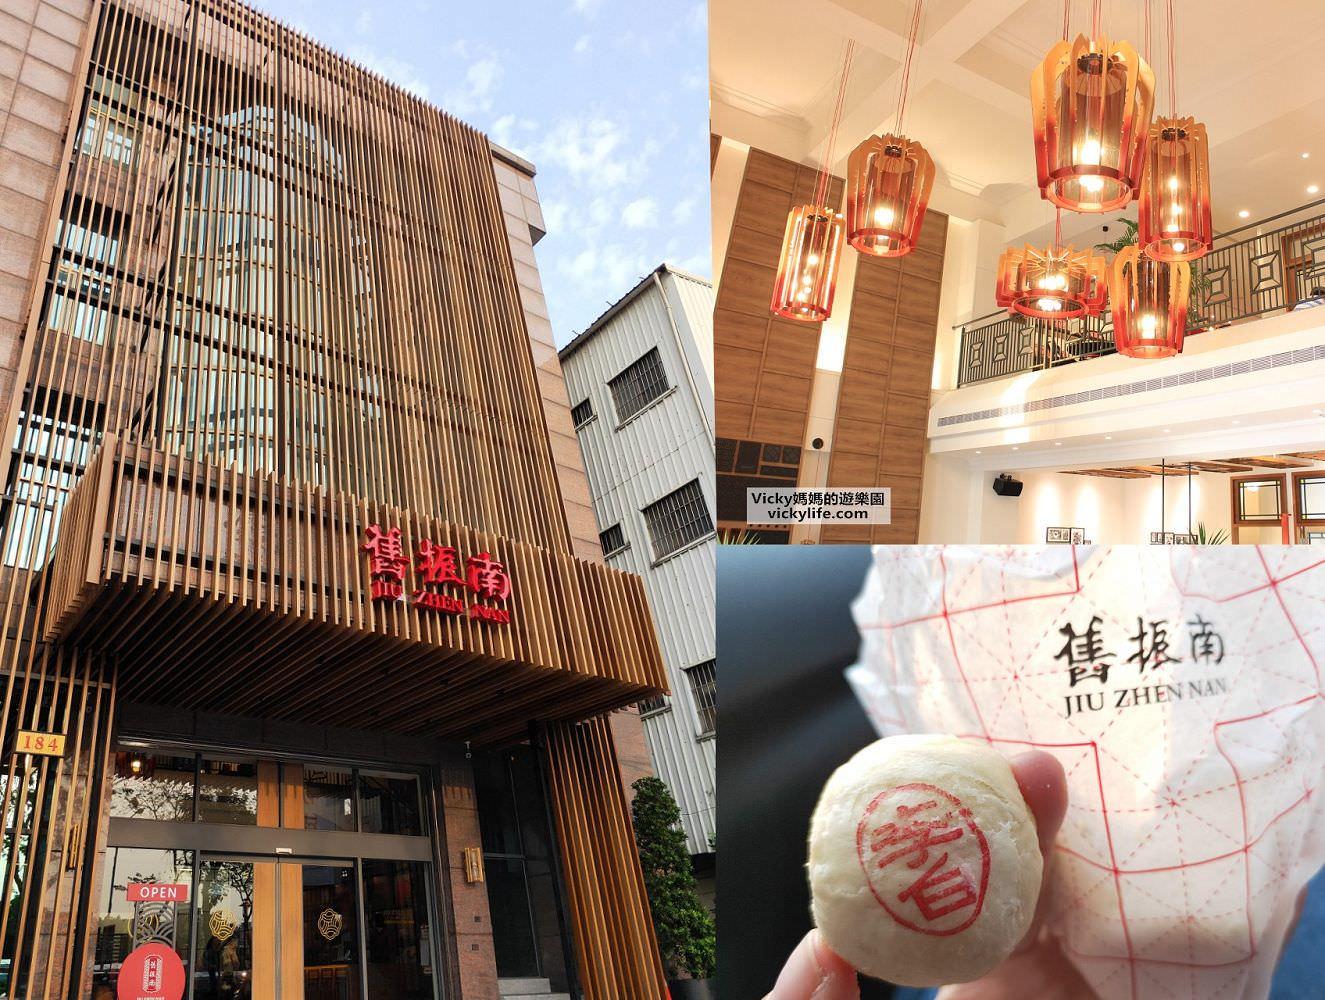 台南親子景點︱台南免費體驗︱舊振南漢餅 DIY:品嘗一口自己做得李白綠豆椪吧